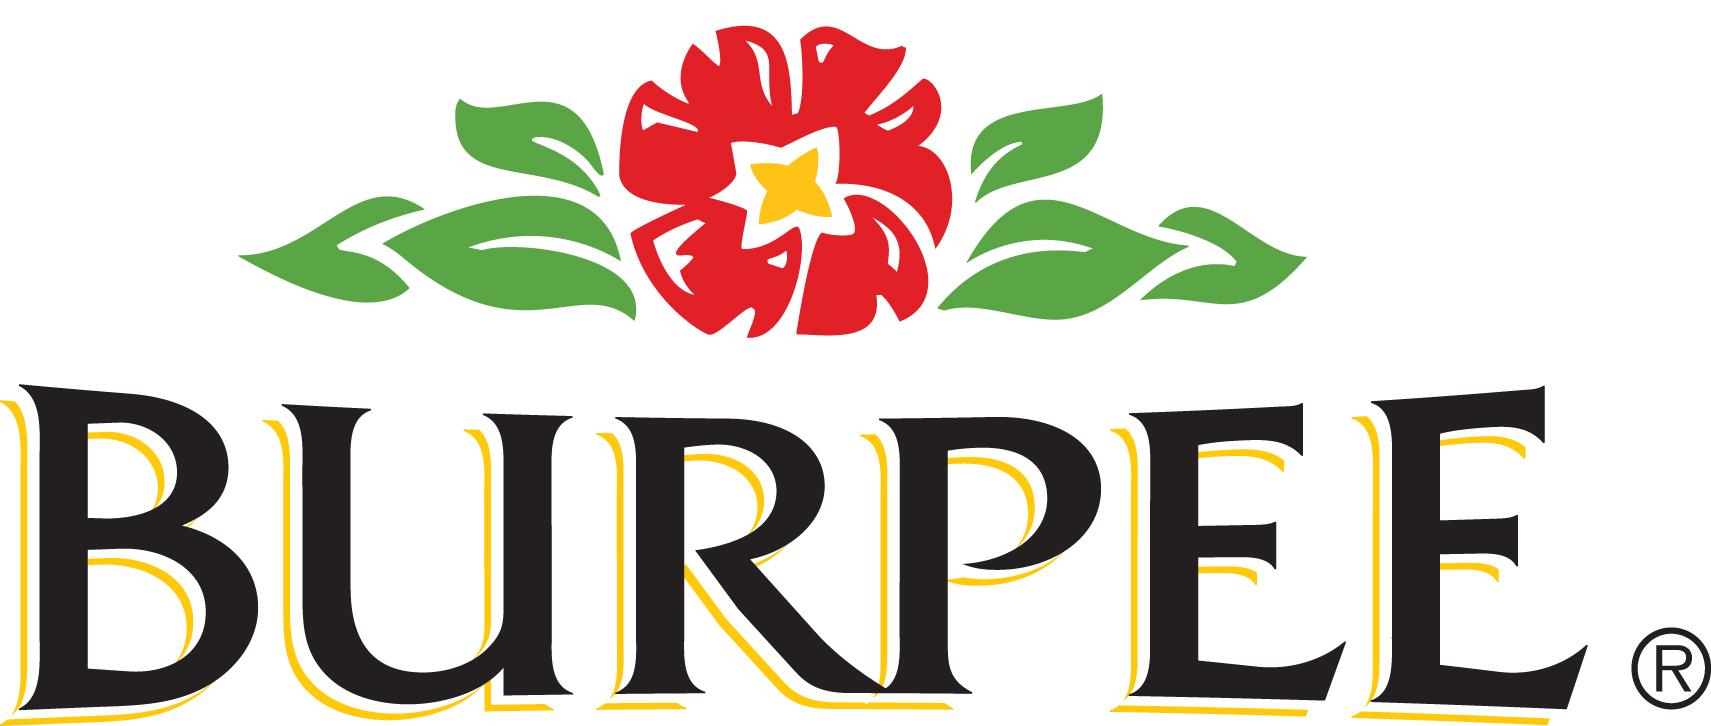 logo for Burpee